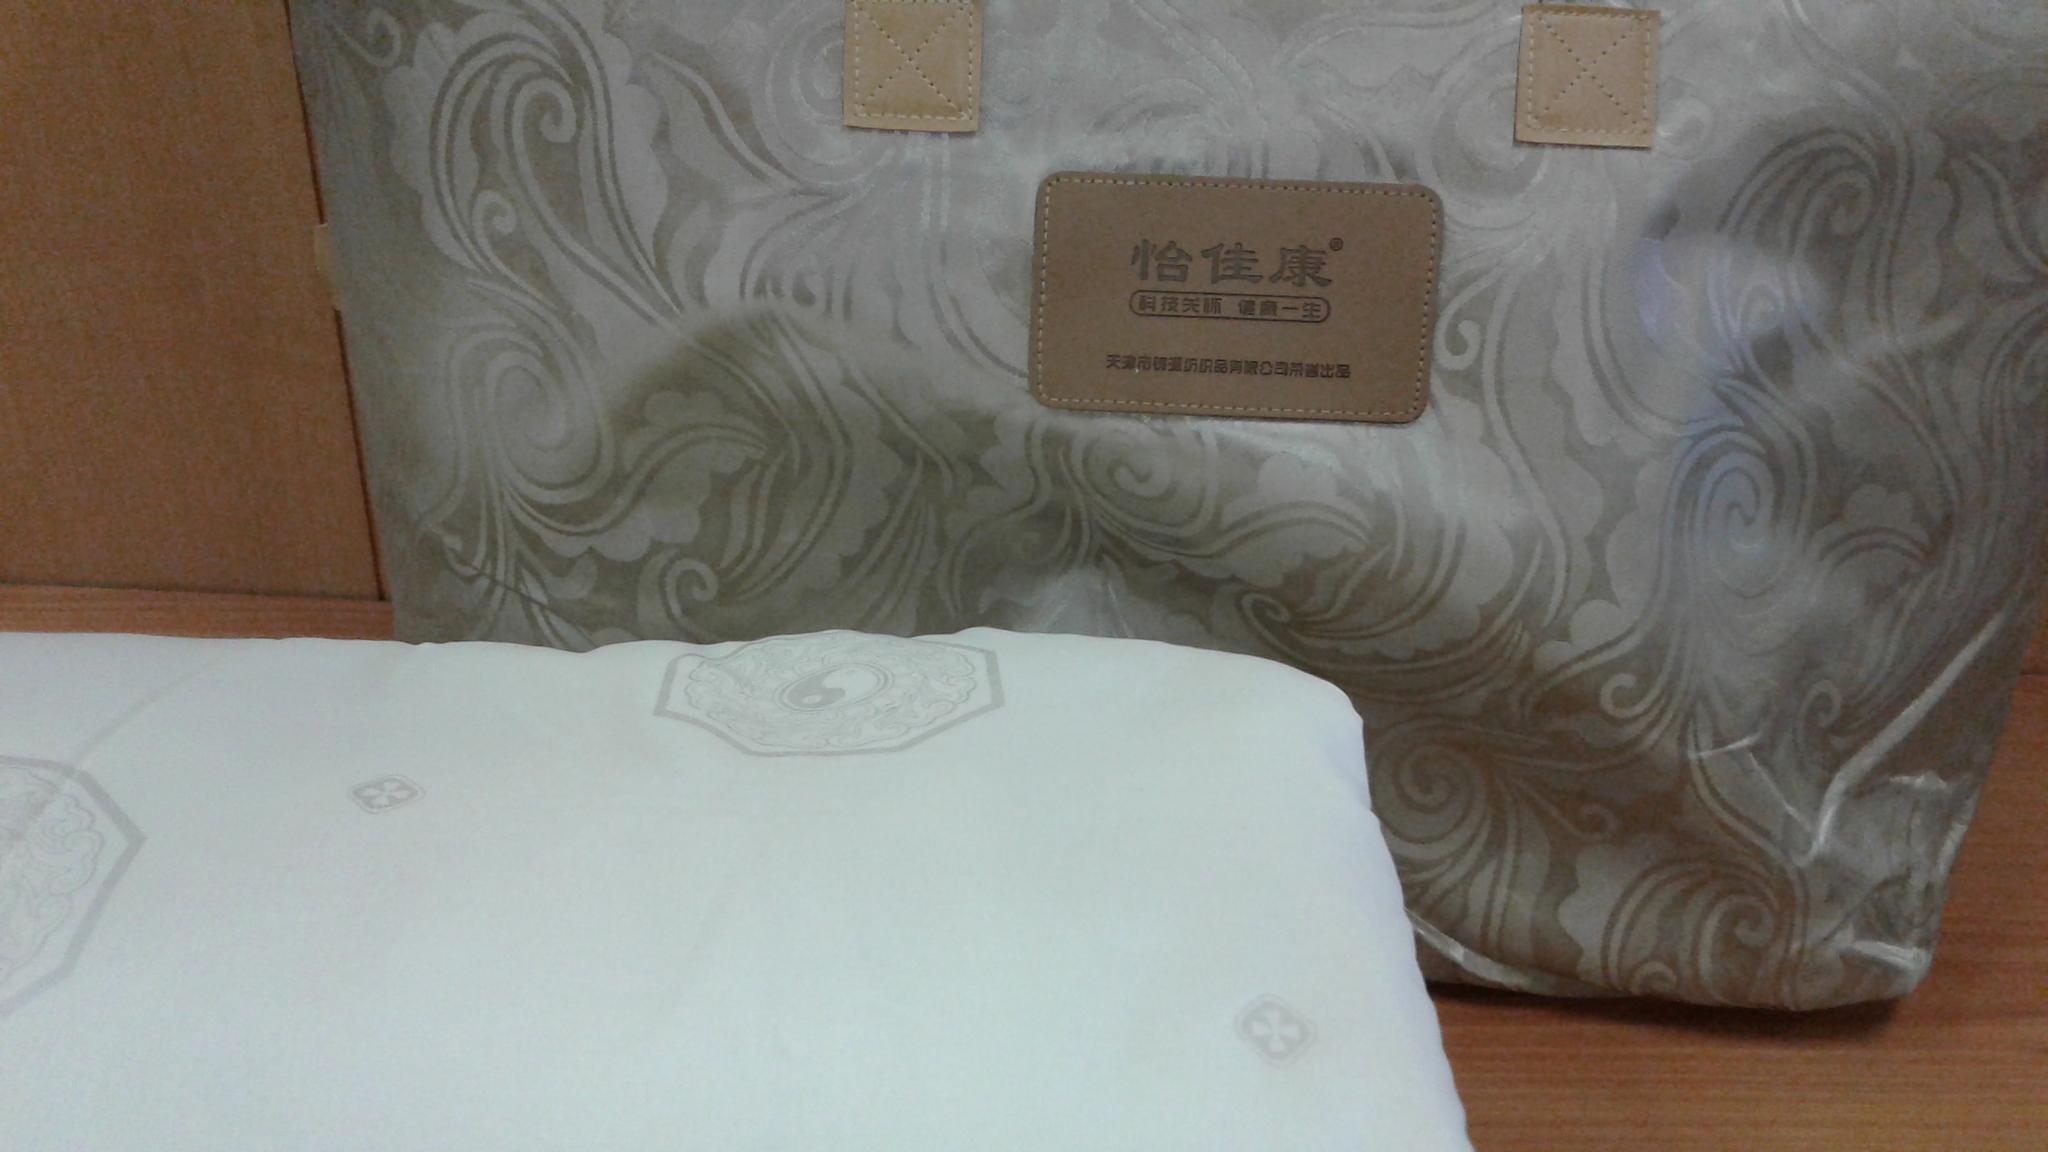 Одеяло турмалиновое с вшитыми магнитами, размер 2 х 2,3 метра